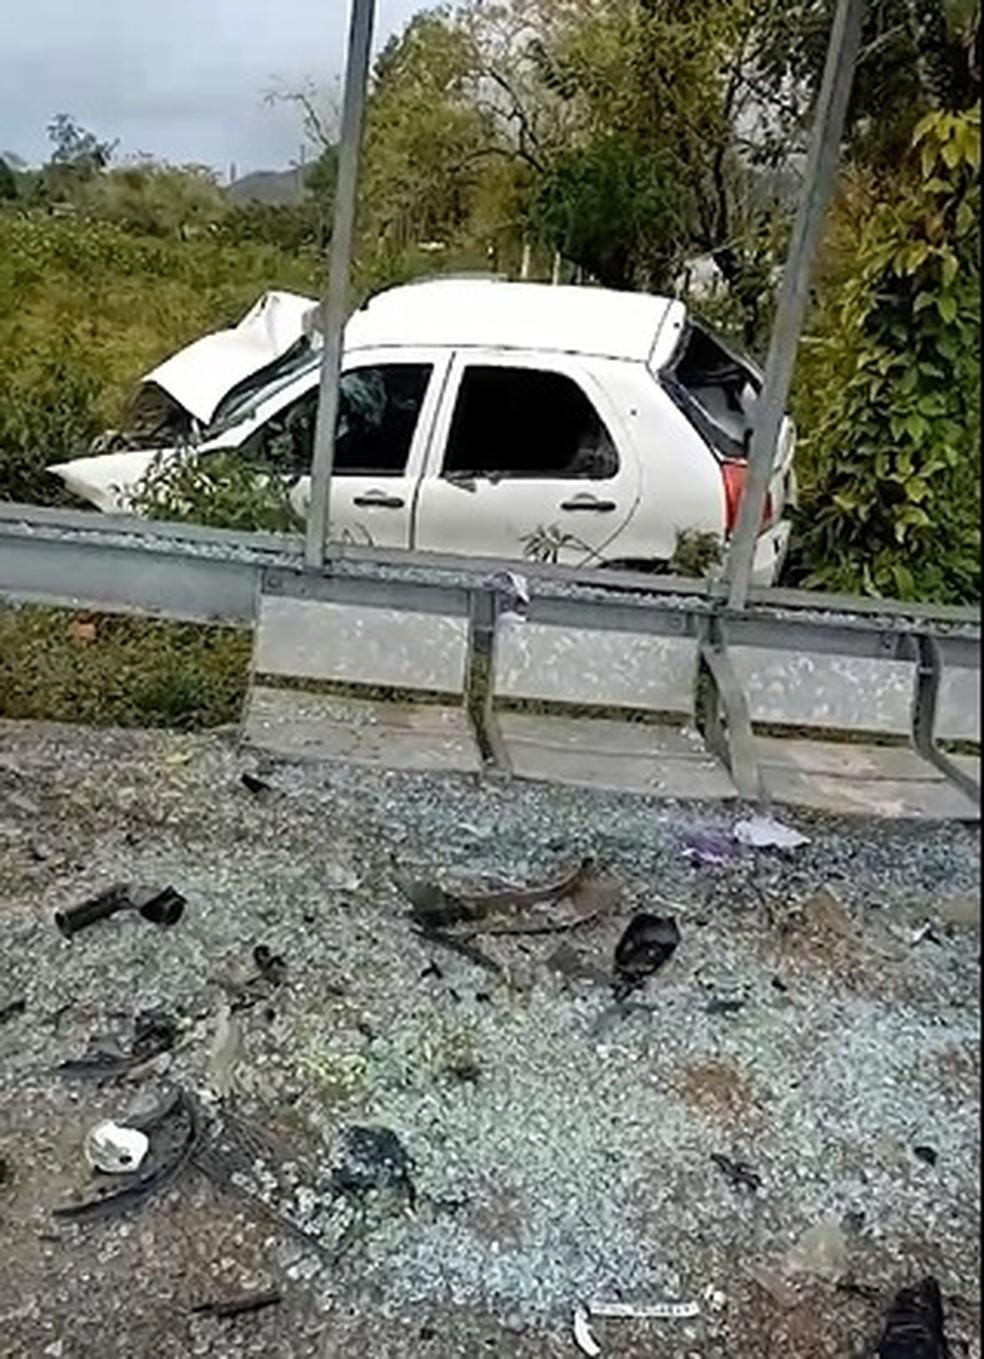 Motorista invadiu ponto de ônibus em Caraguatatuba — Foto: Warley Vieira/Vanguarda Repórter